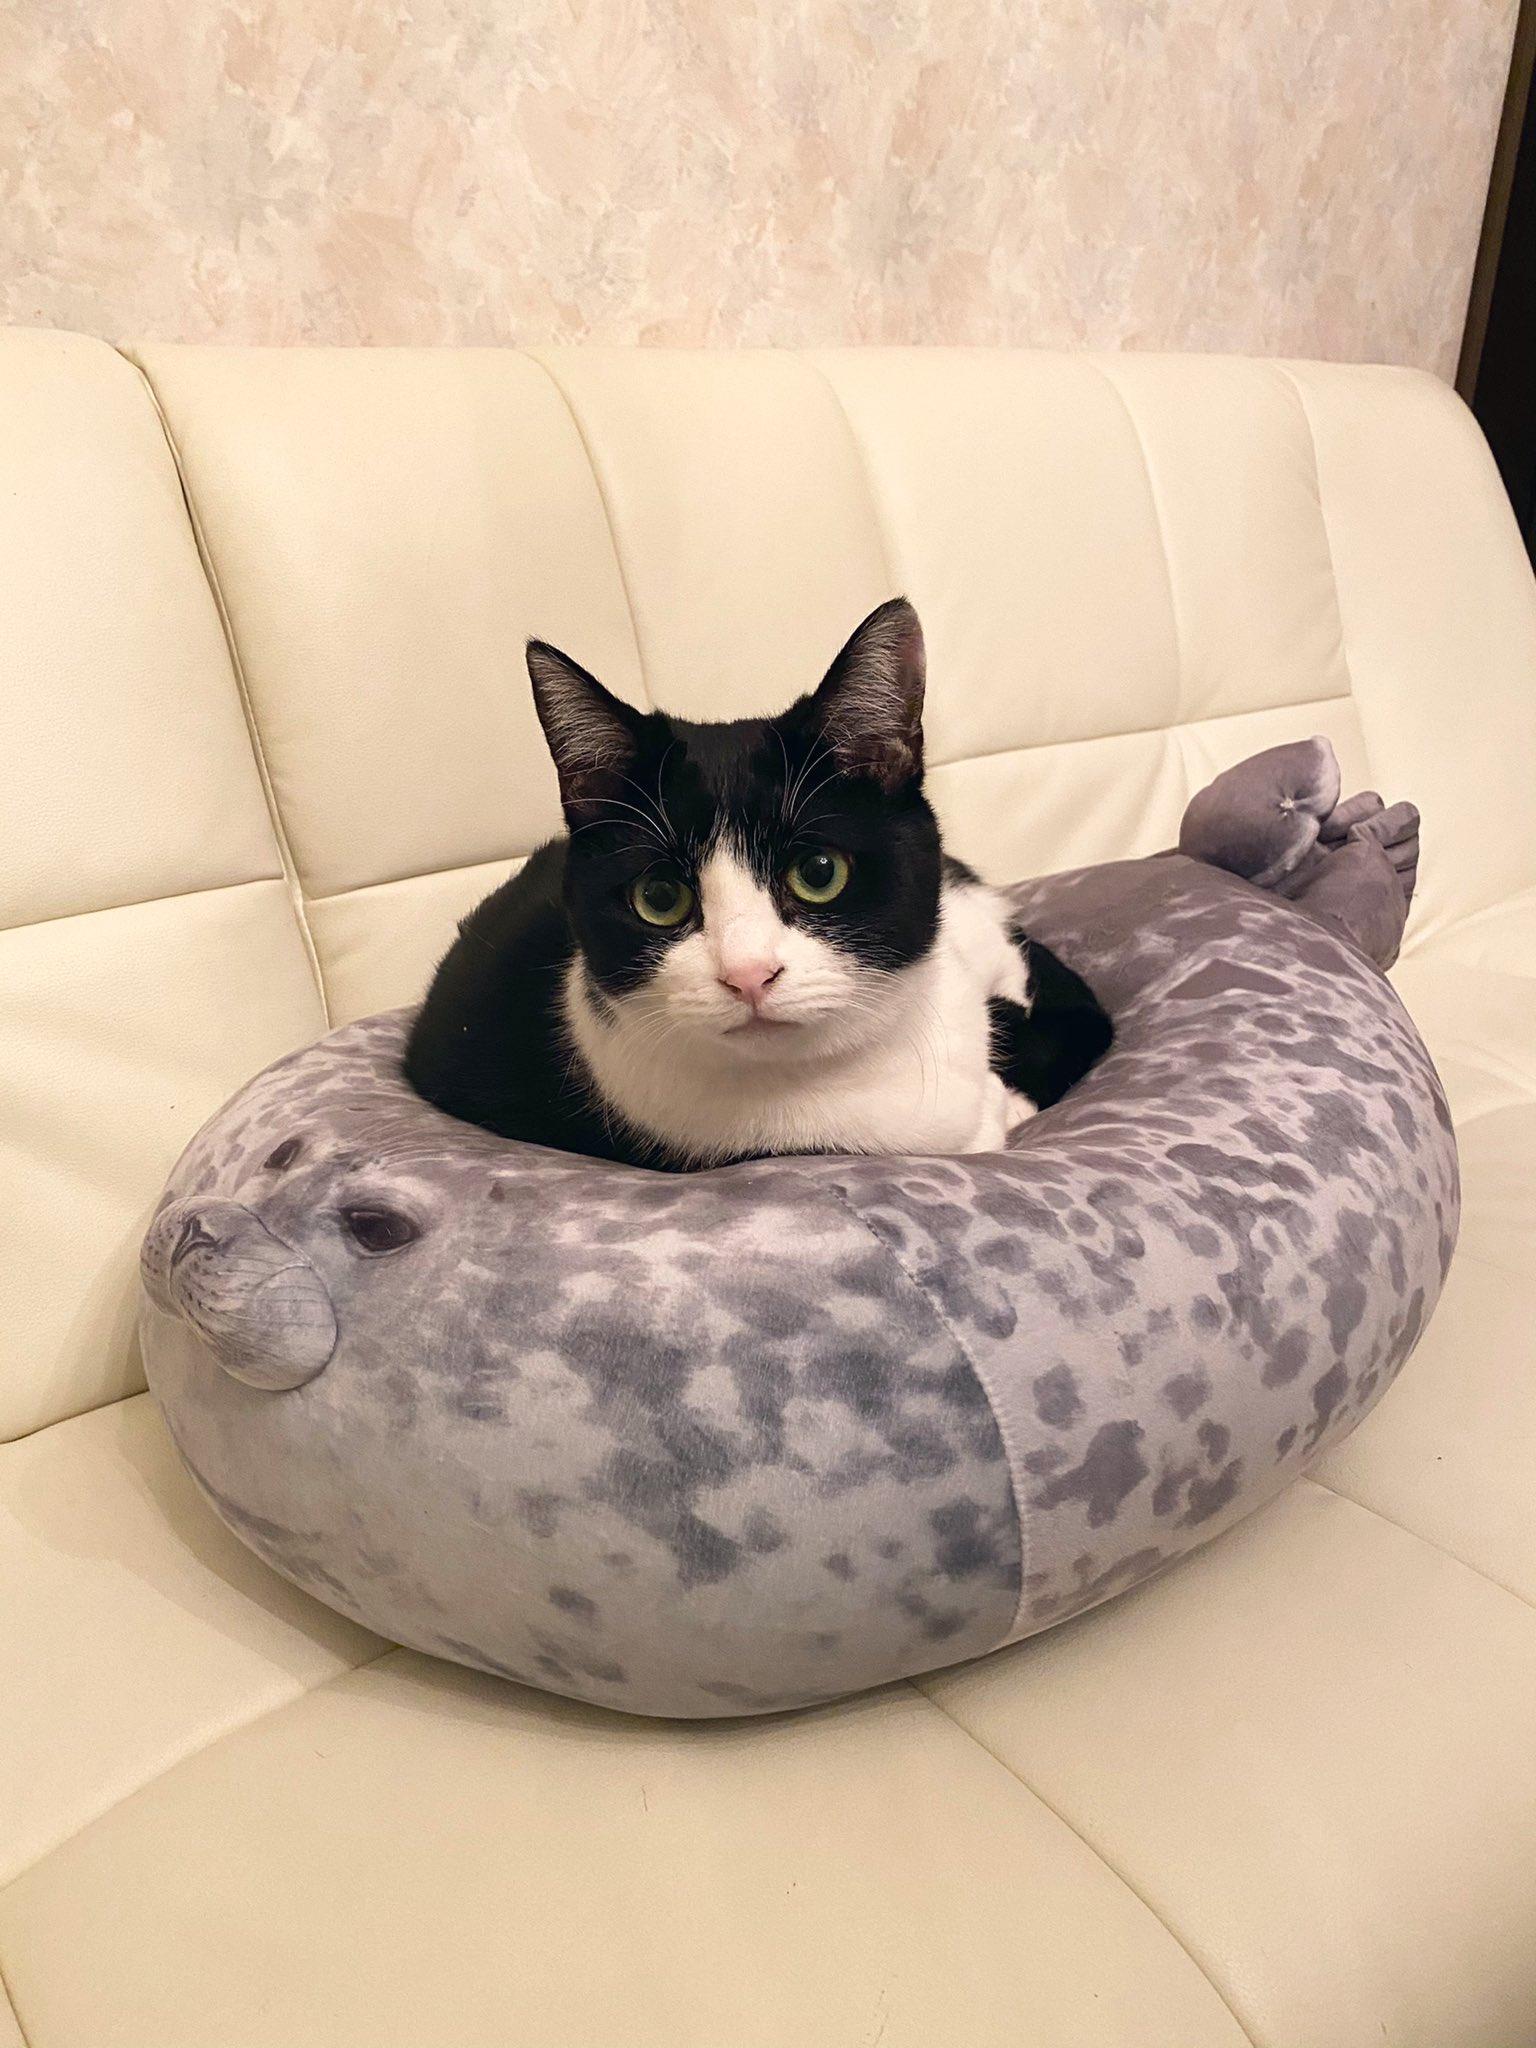 被貓咪坐到扁掉的海豹坐墊 Eoihe-9UcAYDilS?format=jpg&name=large